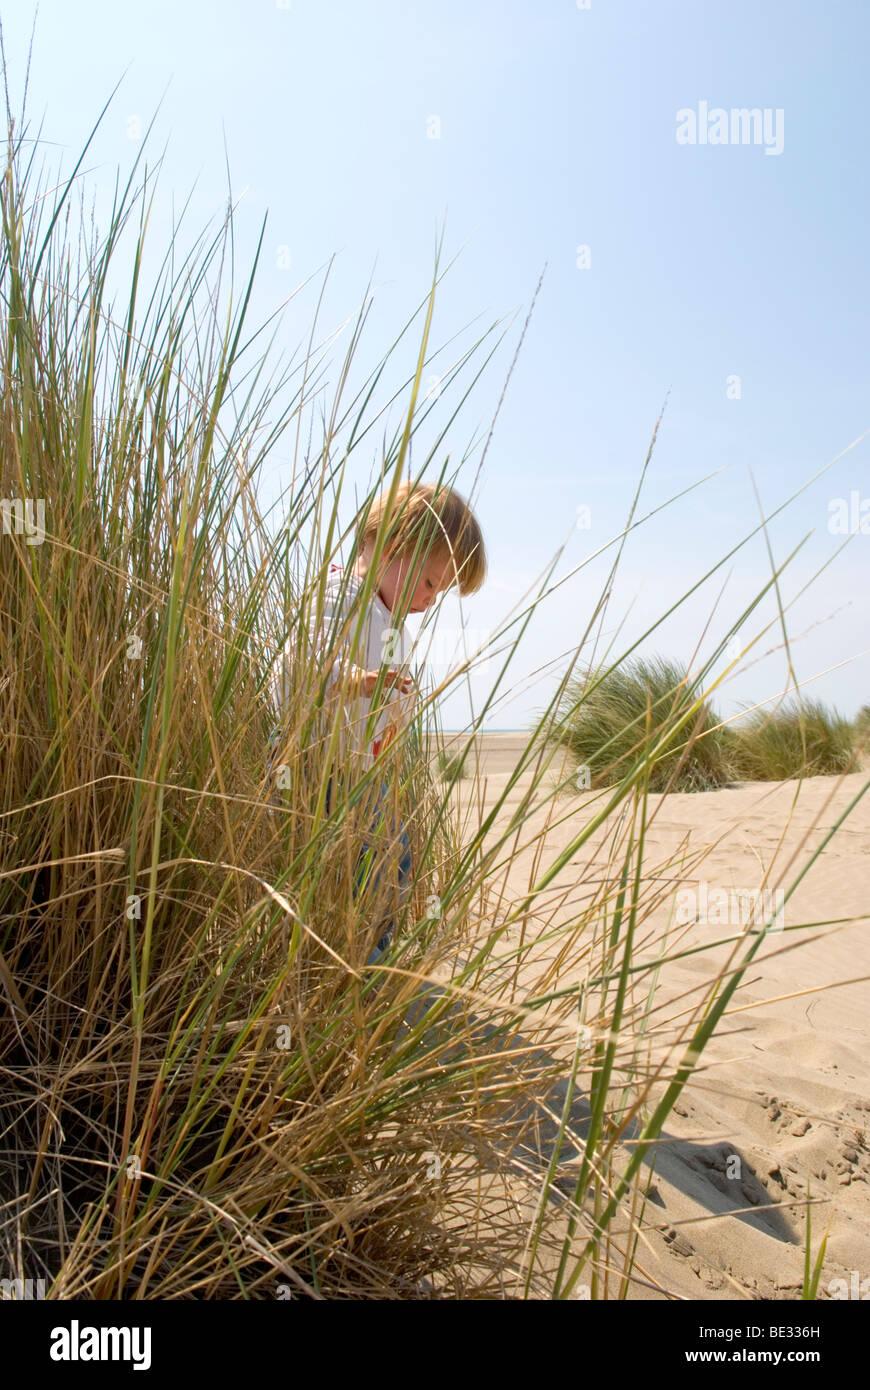 ein Kleinkind spielt unter Rasen auf einer Sanddüne Stockbild